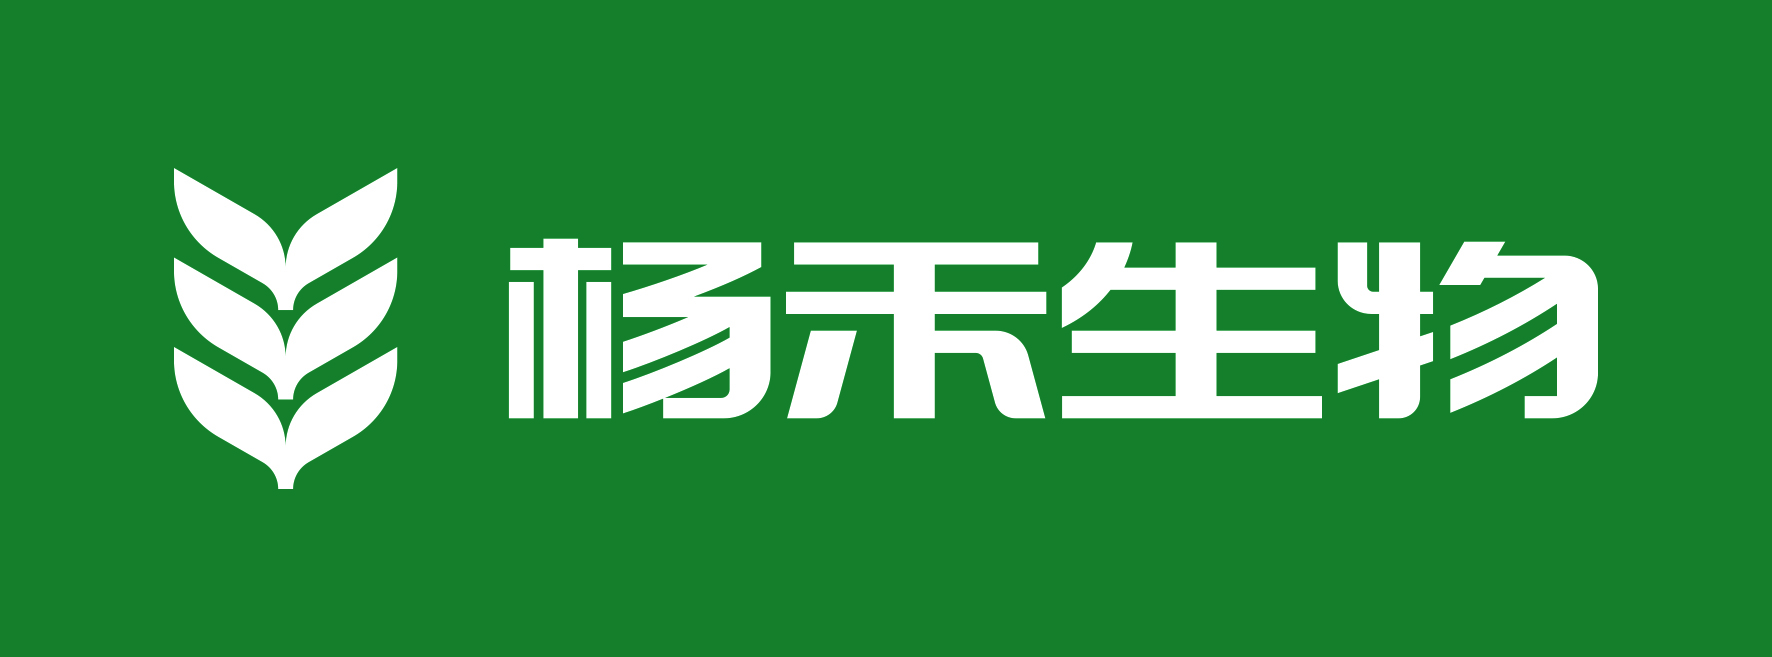 生物科技公司logo